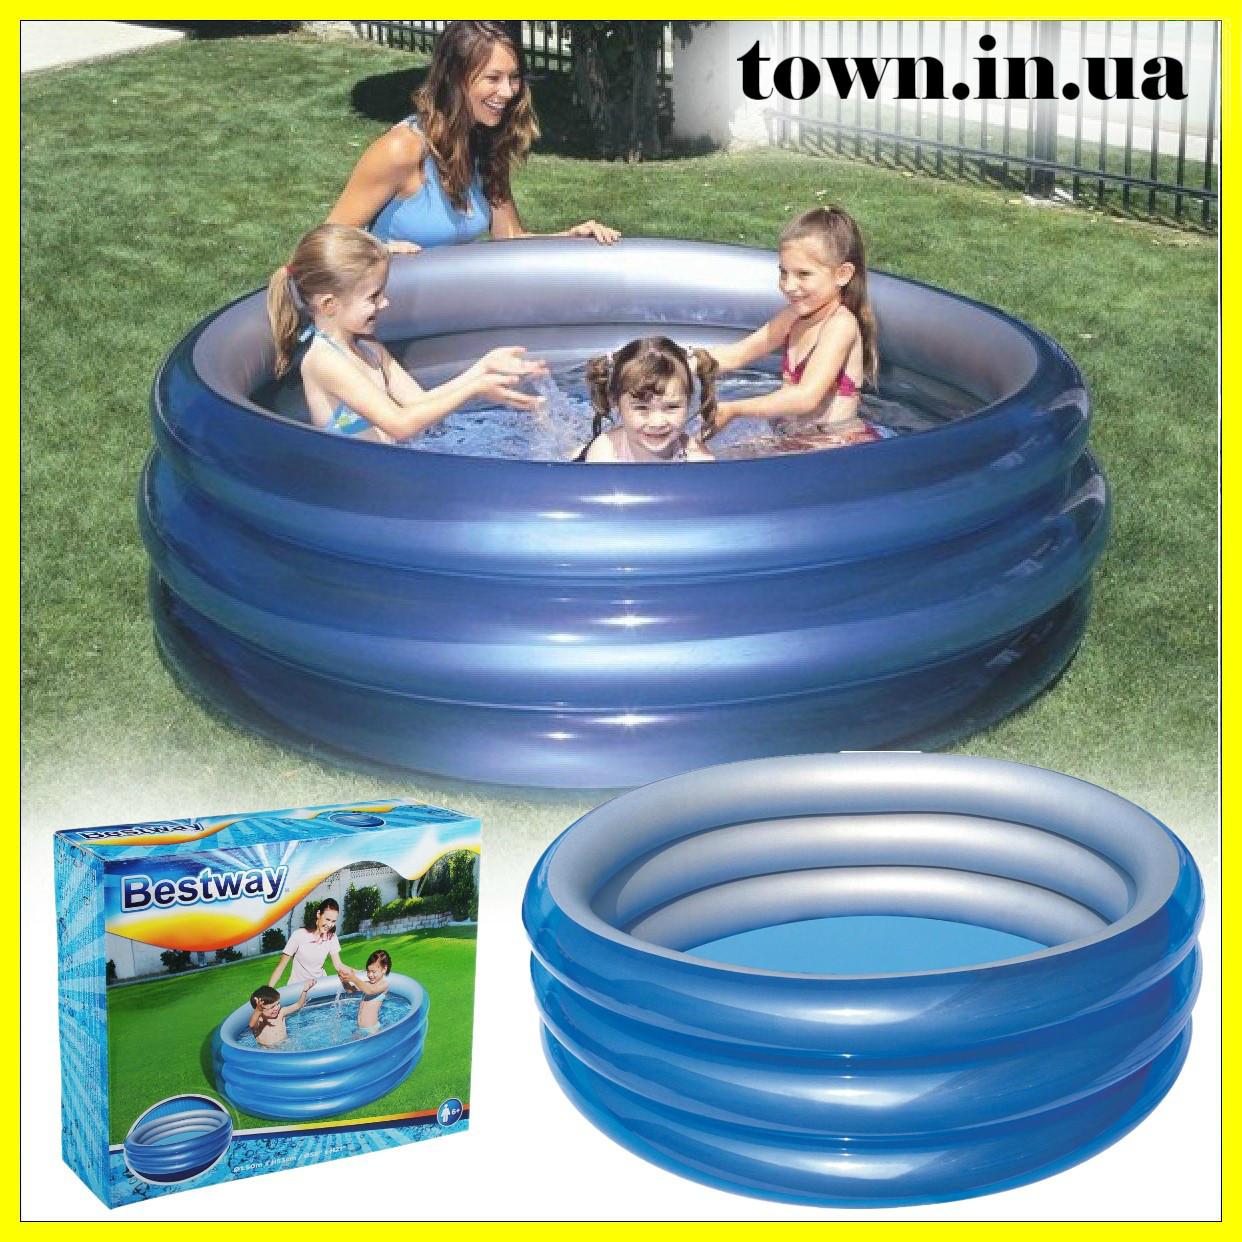 Детский надувной бассейн  Bestway 150*53 синий металлик, круглый бассейн для детей, малышей, для дома,51041